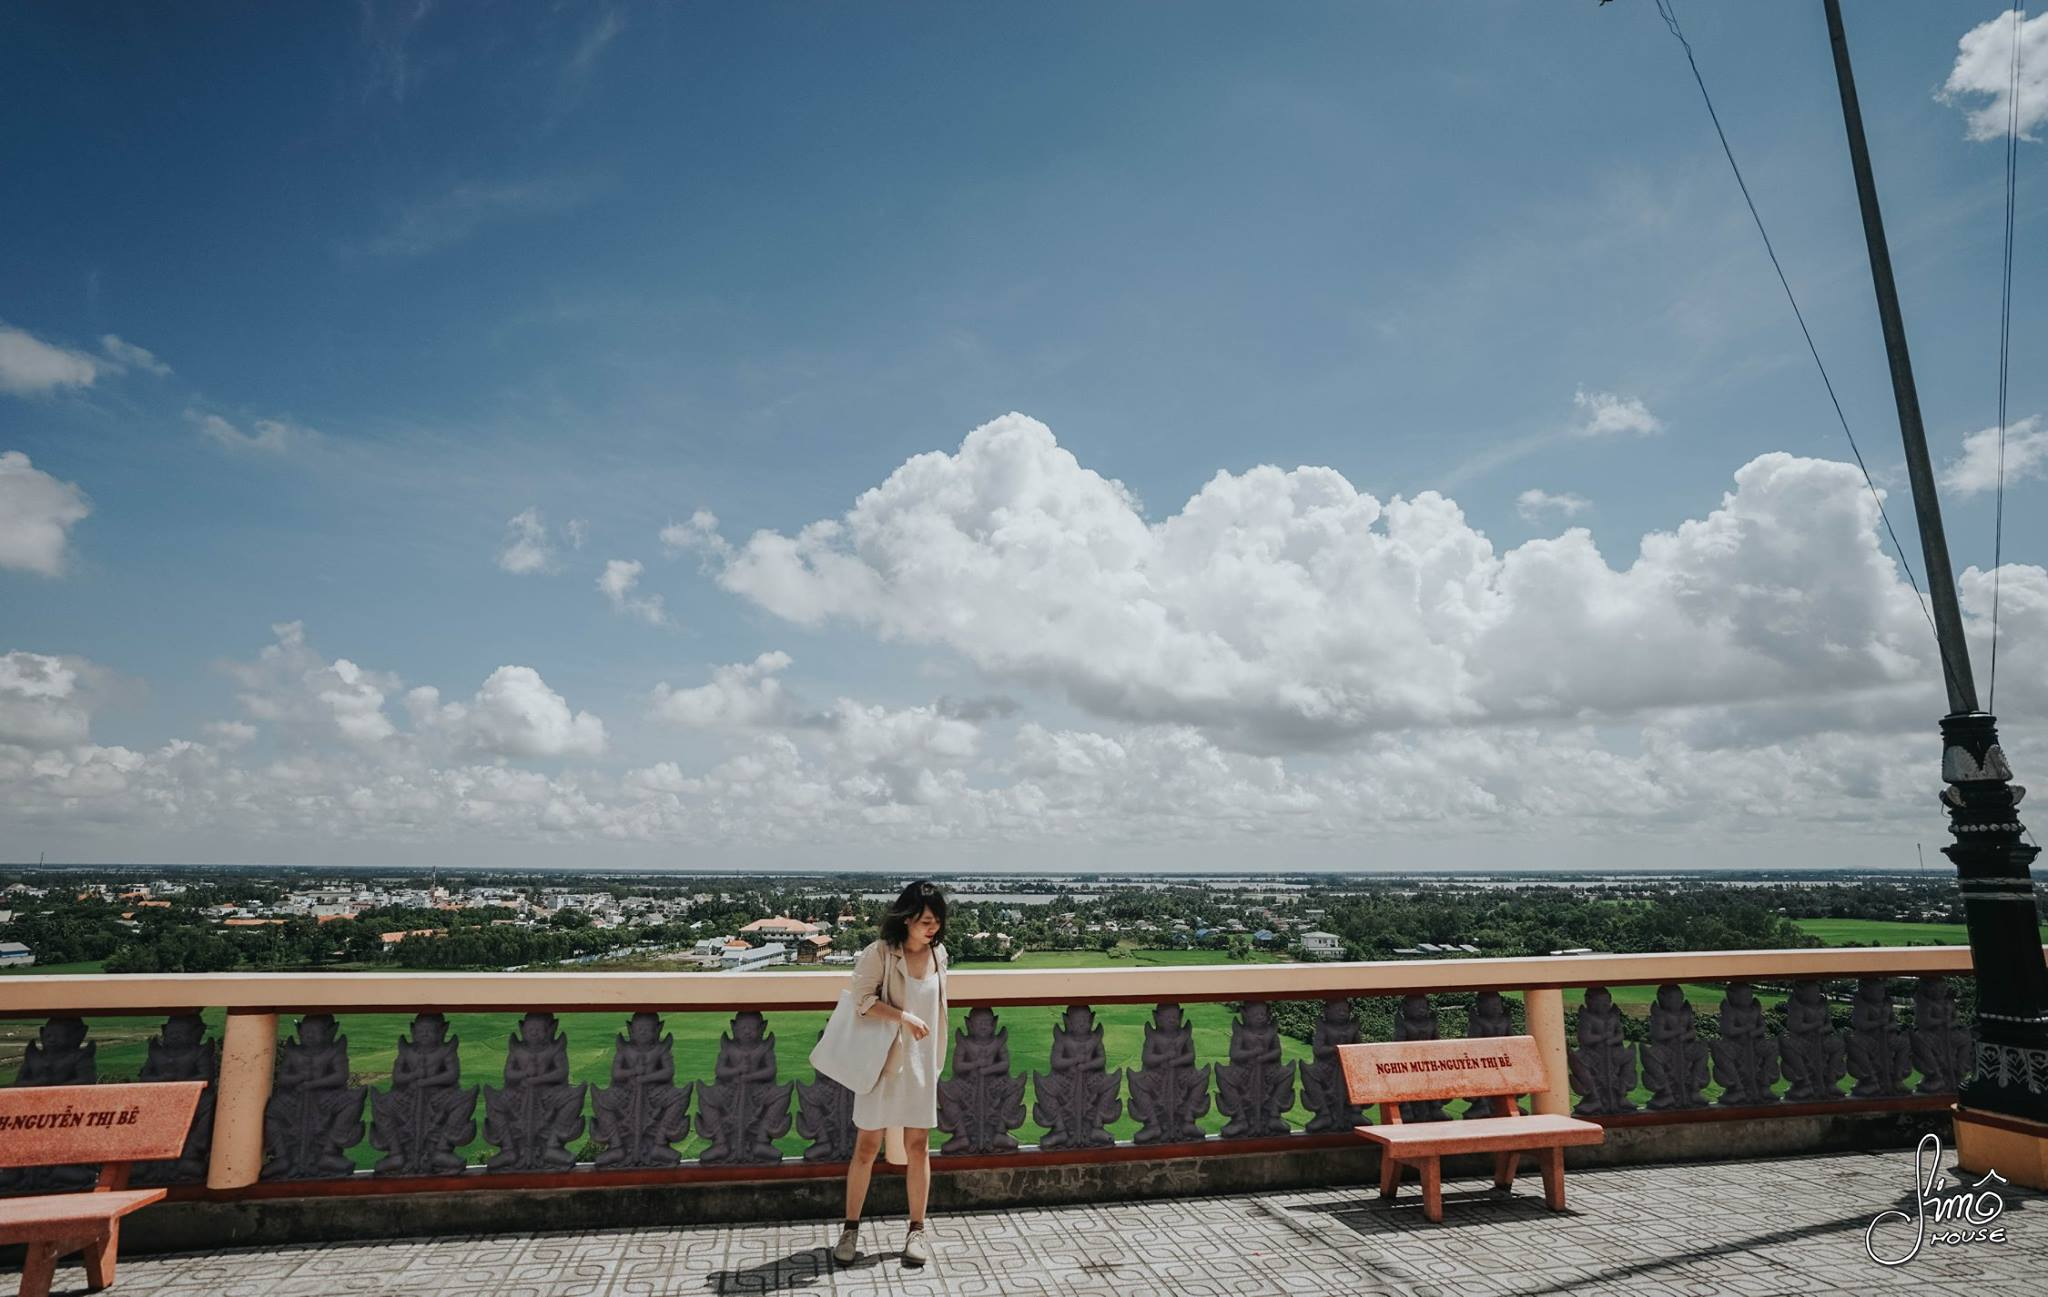 Từ chùa Tà Pạ có thể ngắm cảnh Tri Tôn. Hình: Hoàng Linh Hà